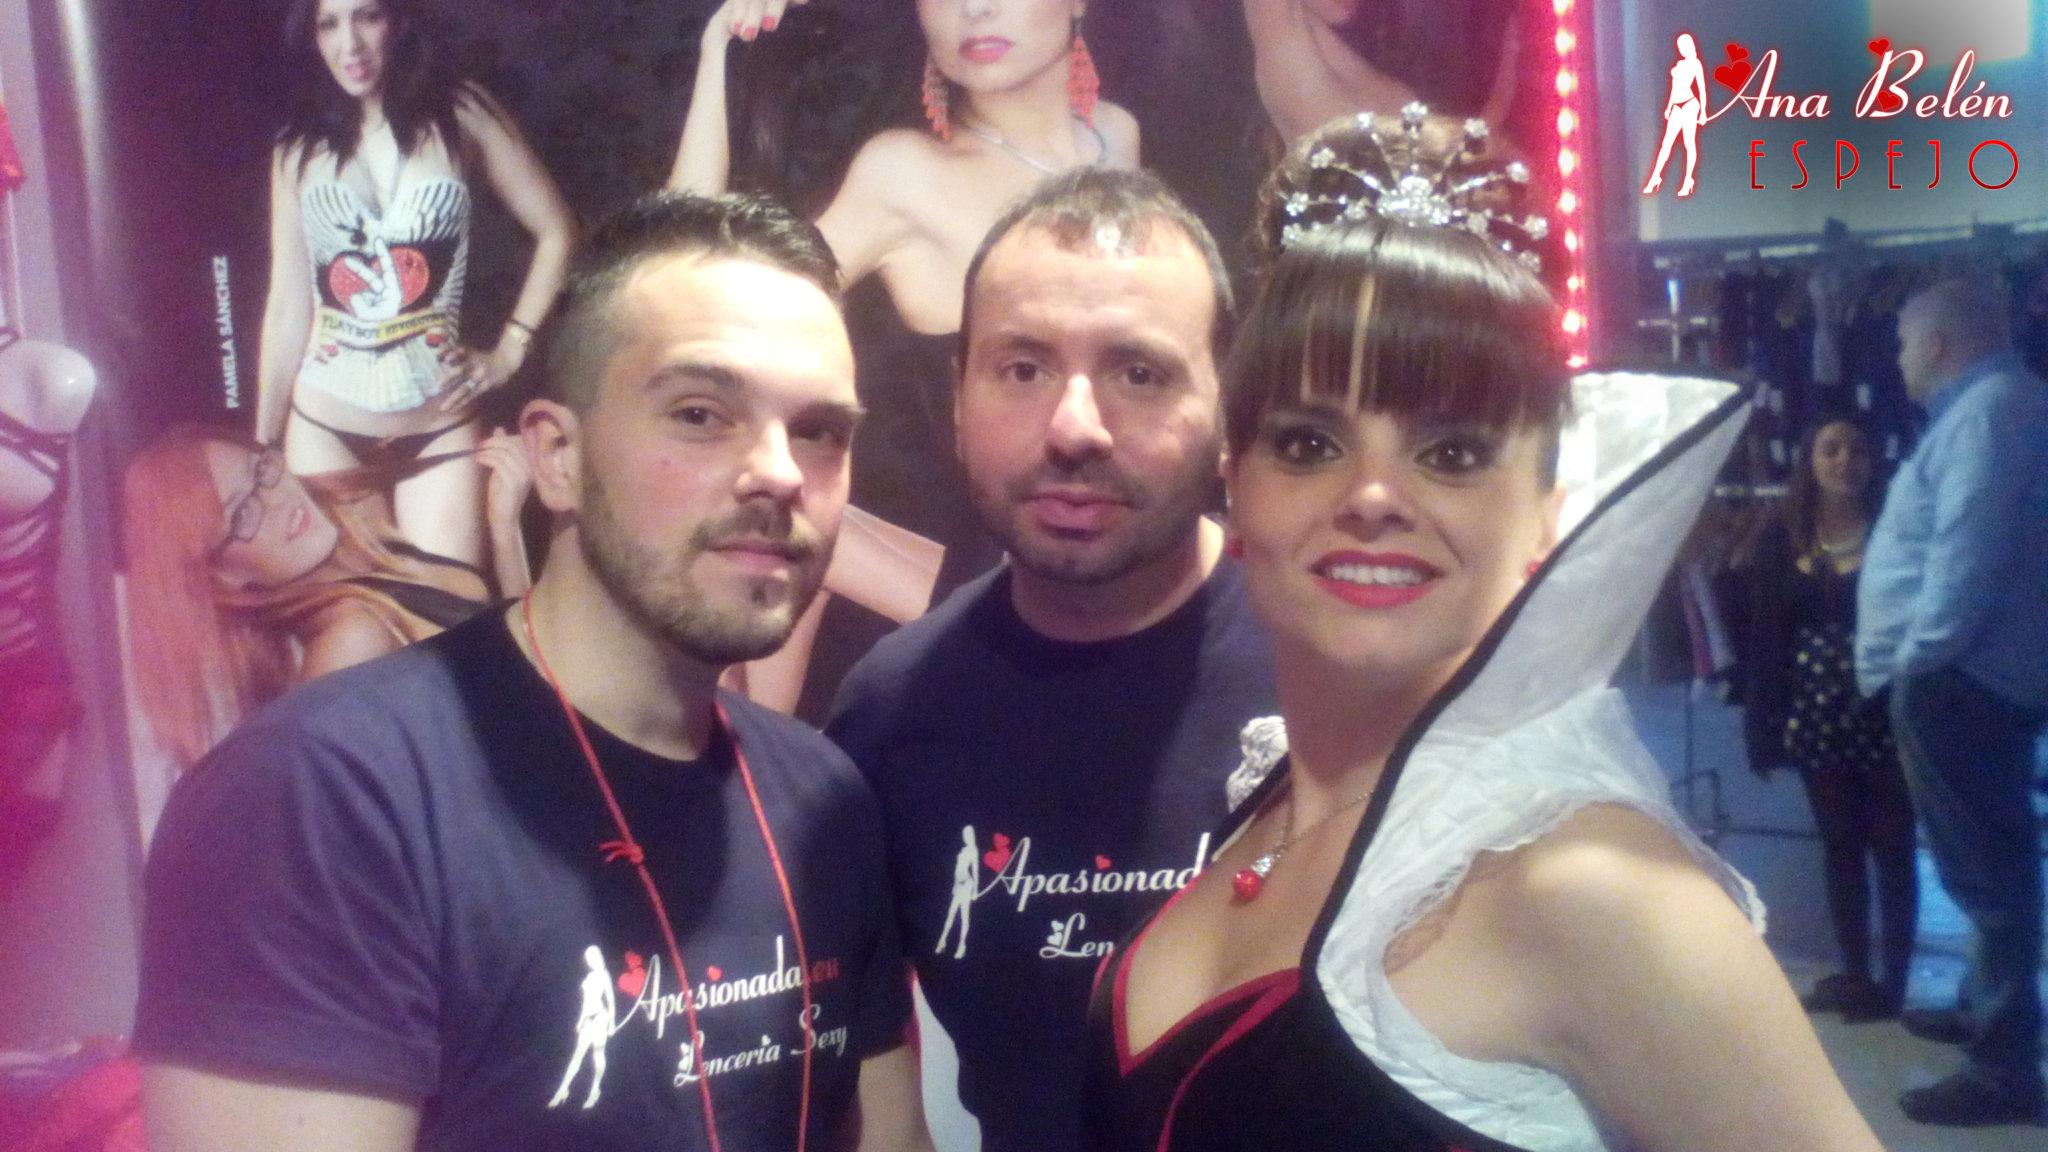 Mi experiencia en el Salón Erótico de Murcia 2015